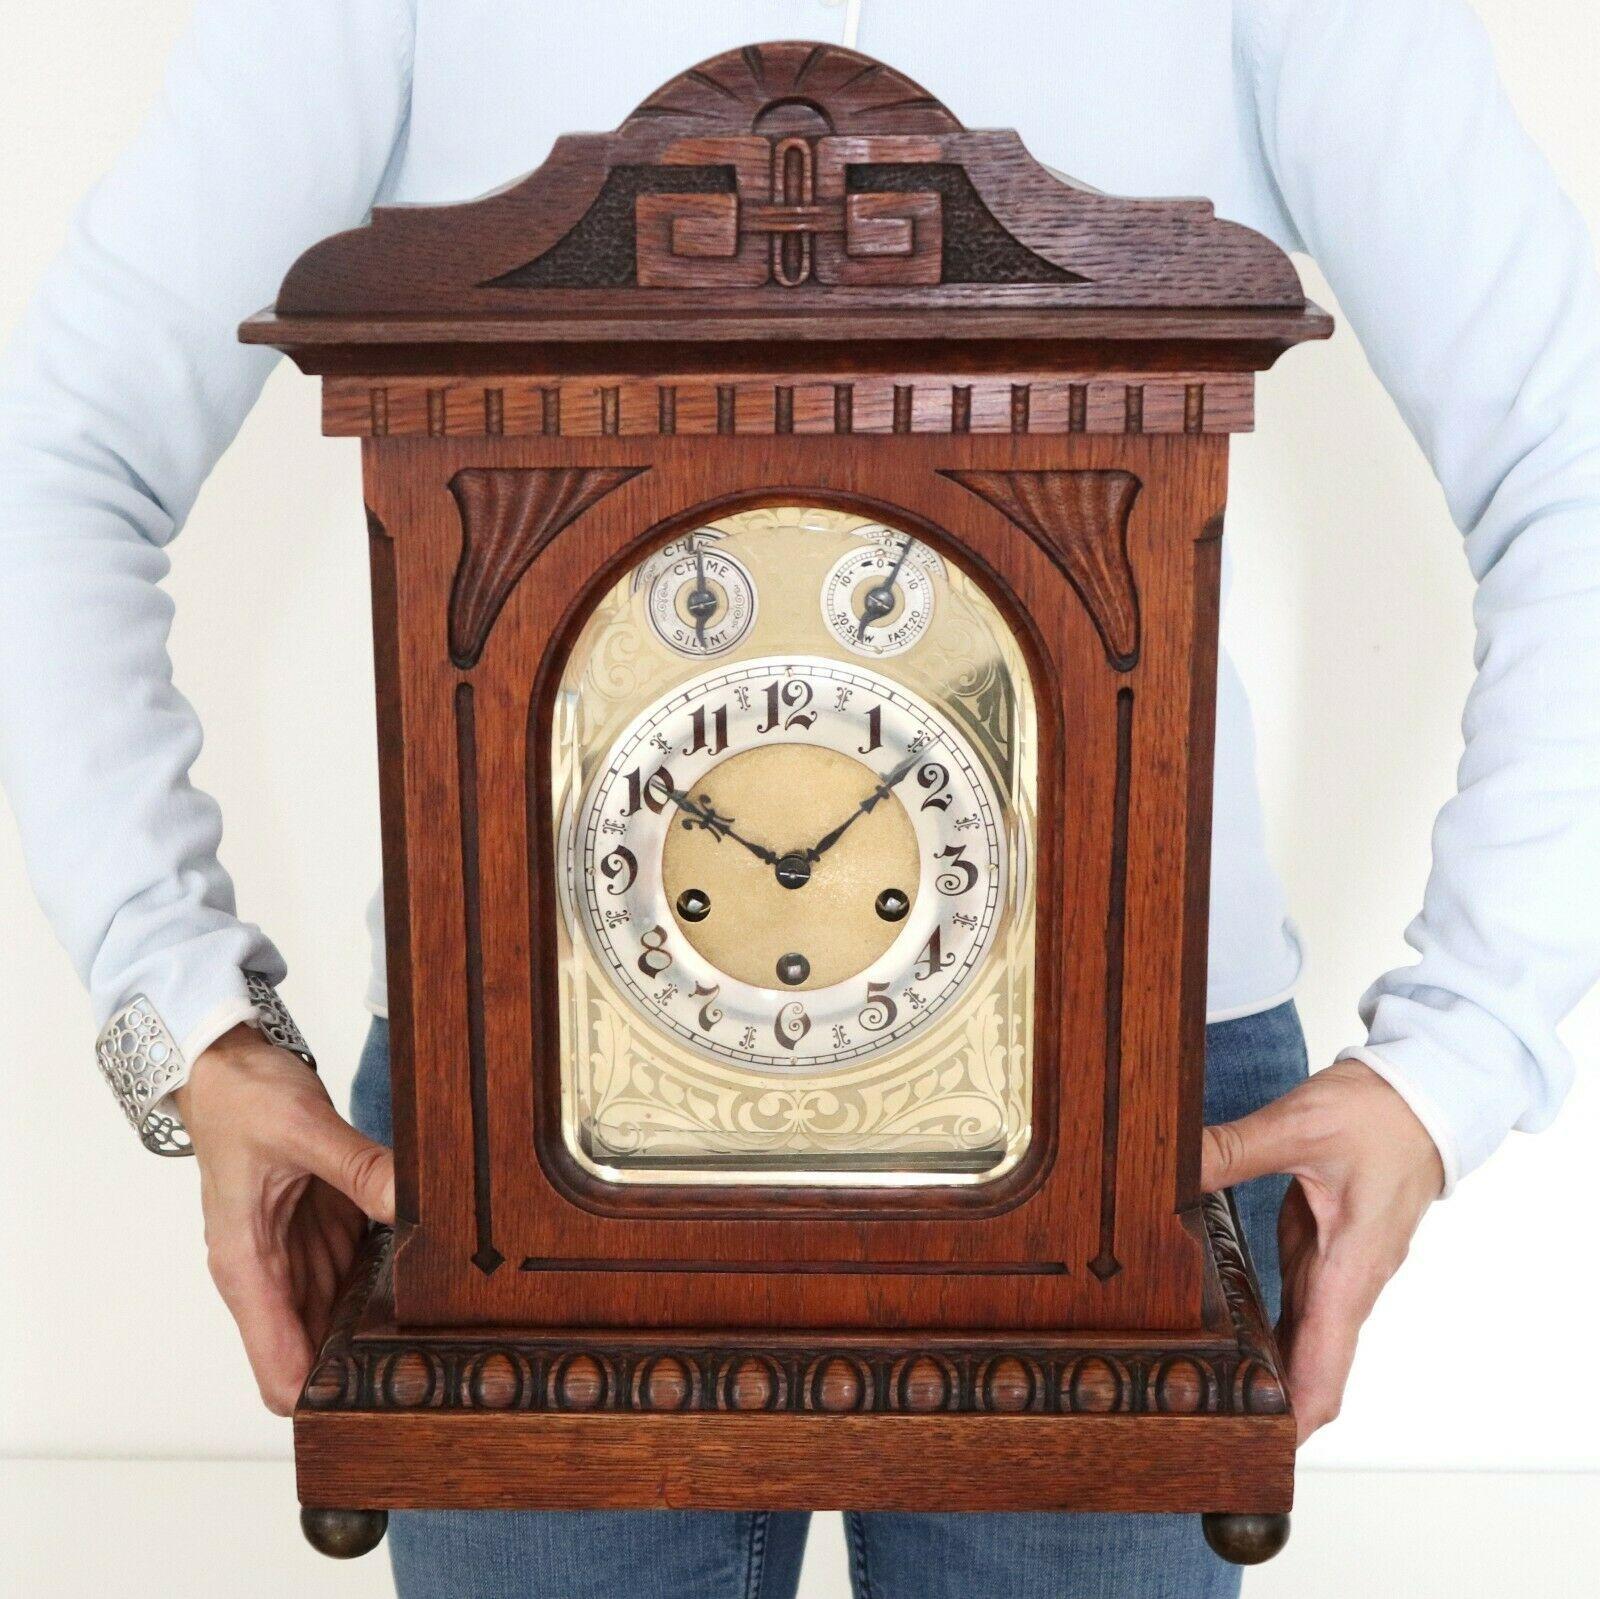 Seiko Qxh107blh Chiming Traditional Wall Clock Traditional Wall Clocks Pendulum Wall Clock Pendulum Clock